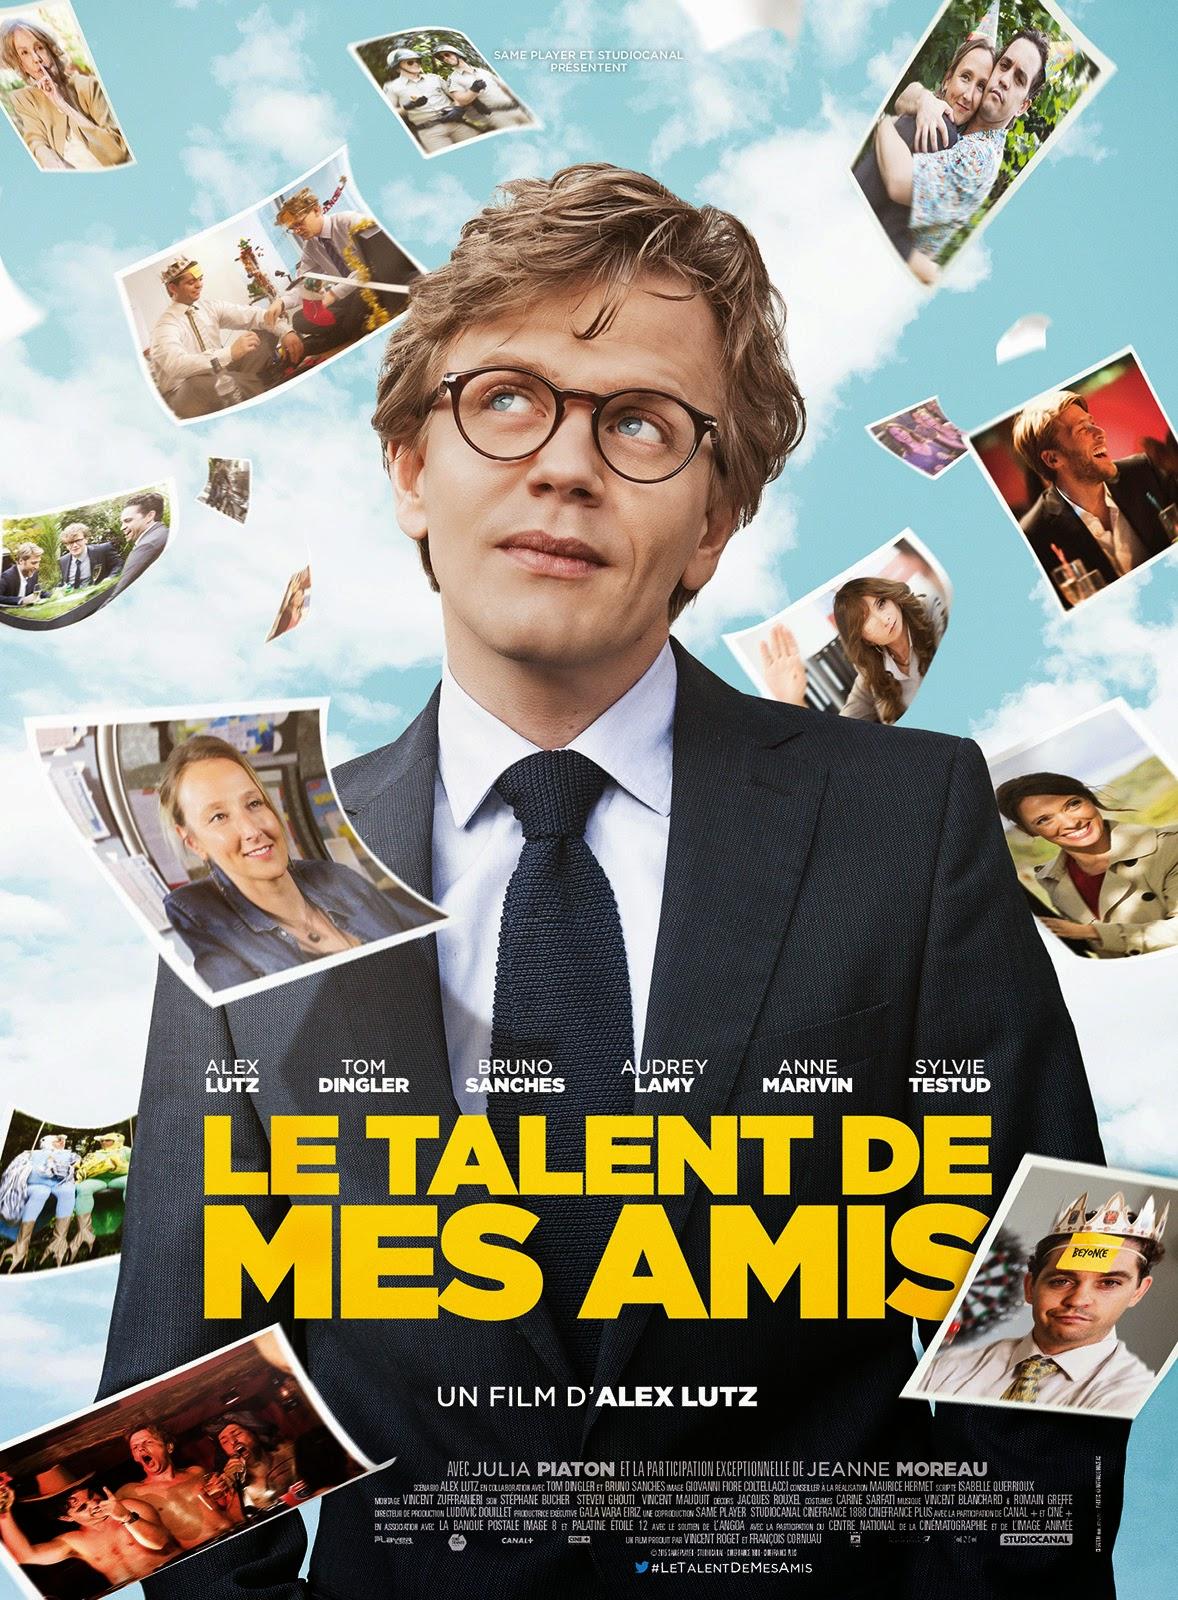 http://fuckingcinephiles.blogspot.fr/2015/05/critique-le-talent-de-mes-amis.html